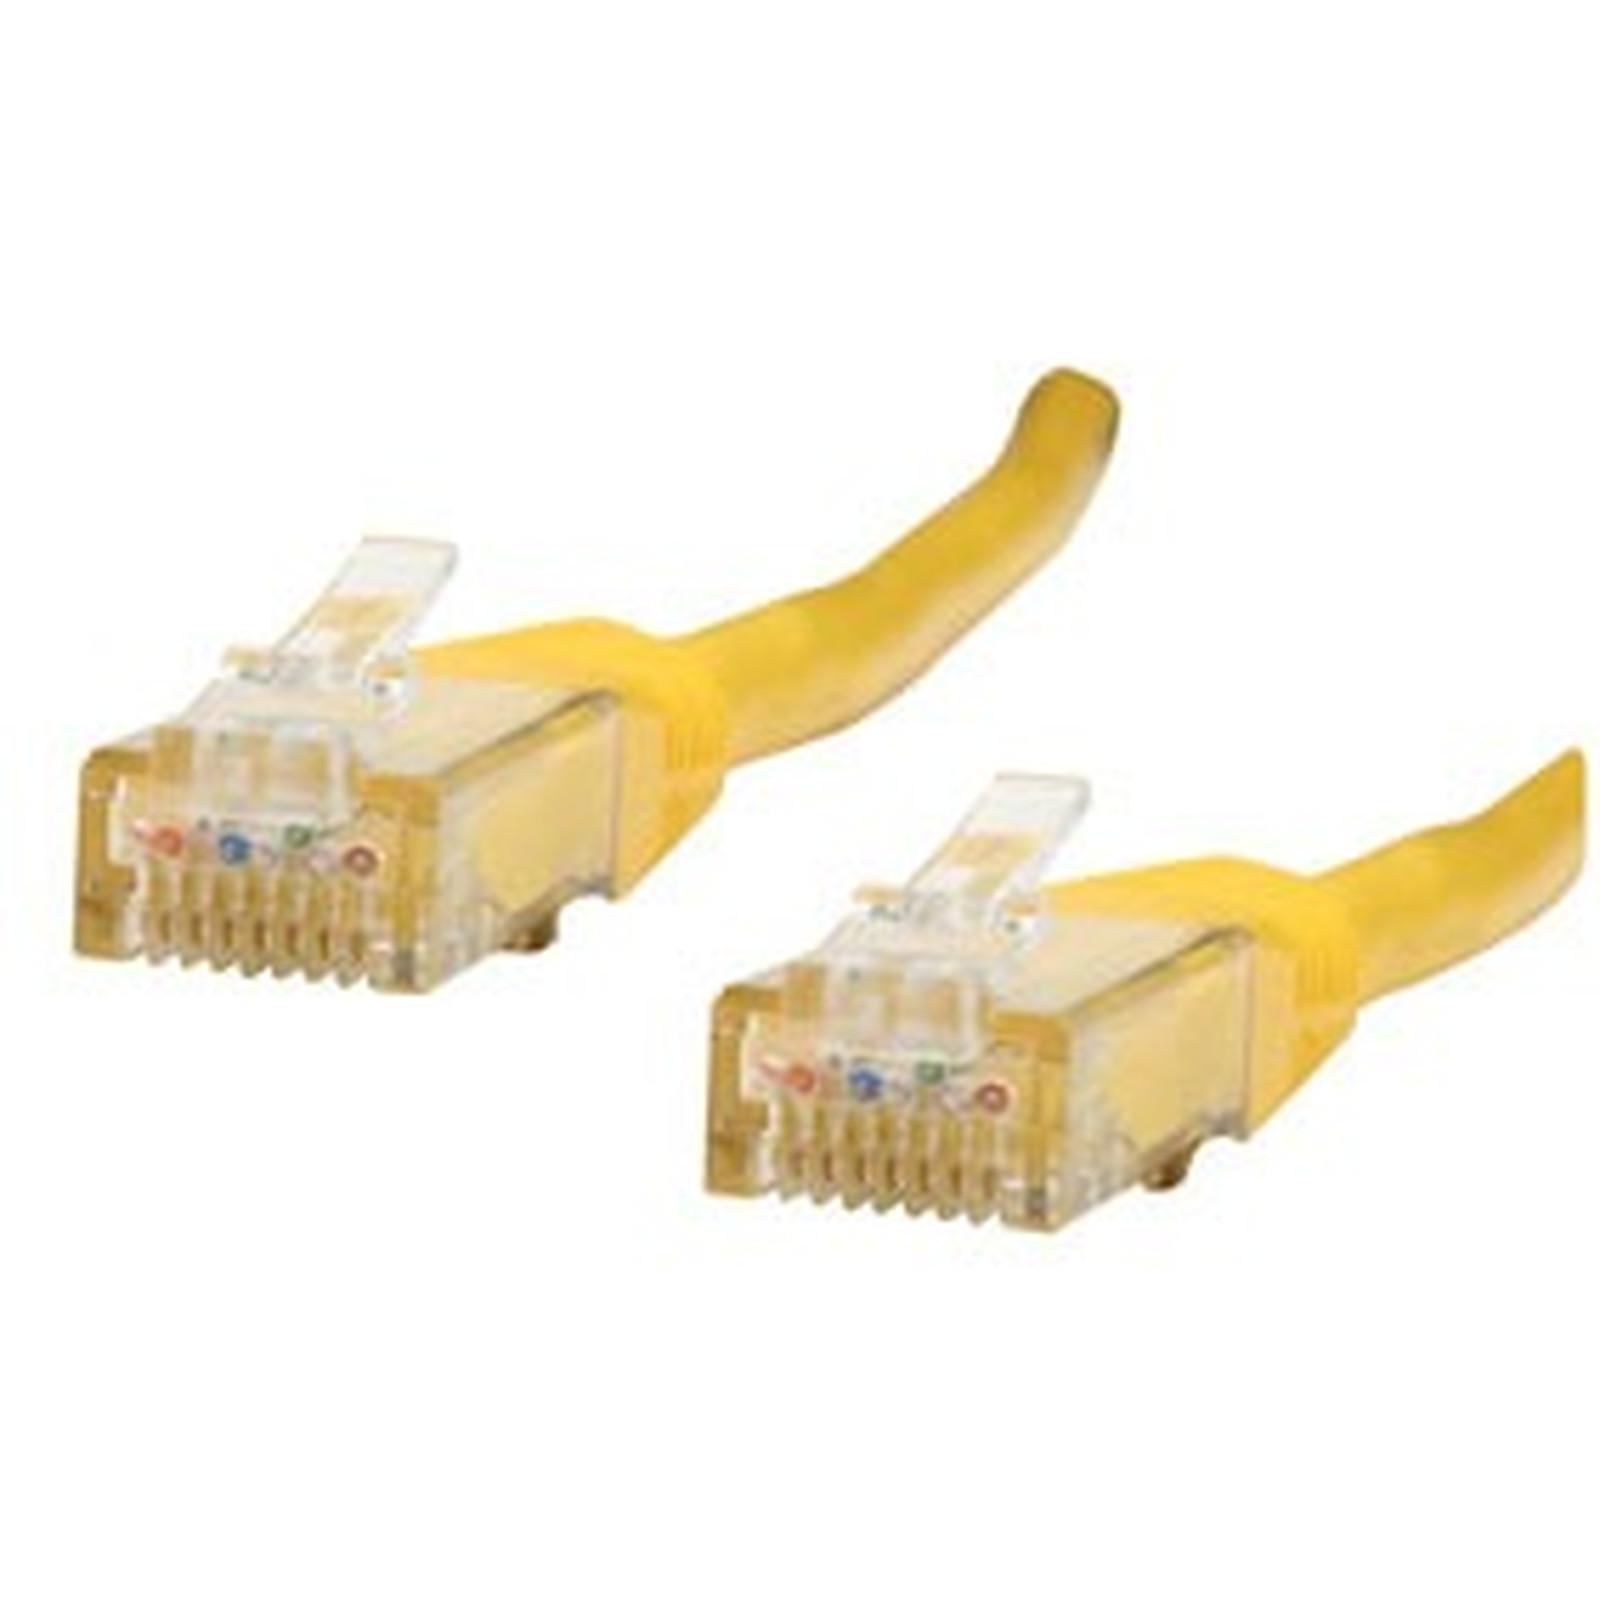 Cable RJ45 de categoría 6 U/UTP 2 m (amarillo)